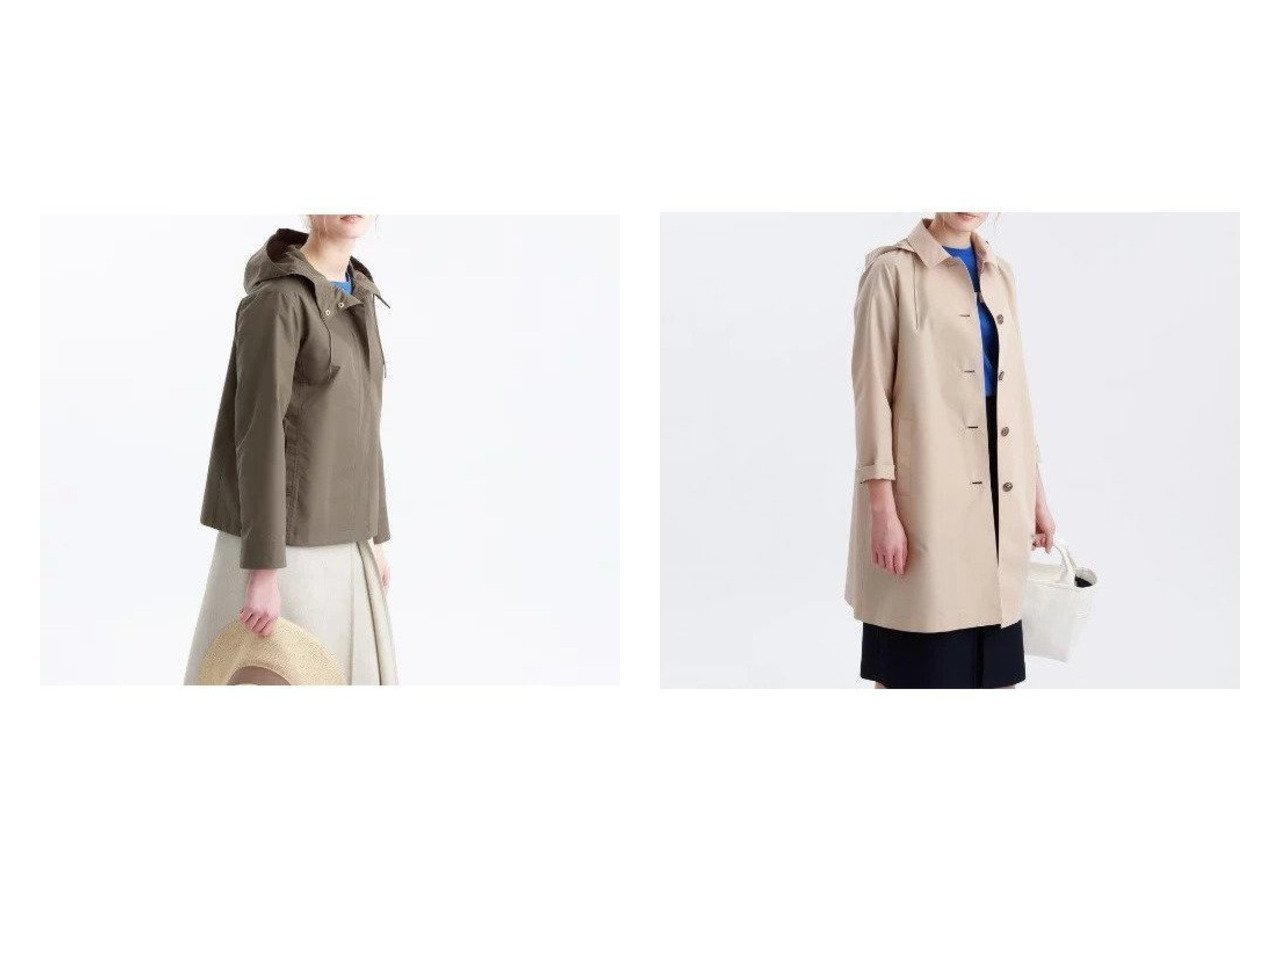 【MACKINTOSH PHILOSOPHY/マッキントッシュ フィロソフィー】のコットンレインクロスフーデッドコート&コットンレインクロスブルゾン アウターのおすすめ!人気、レディースファッションの通販 おすすめで人気のファッション通販商品 インテリア・家具・キッズファッション・メンズファッション・レディースファッション・服の通販 founy(ファニー) https://founy.com/ ファッション Fashion レディース WOMEN アウター Coat Outerwear コート Coats ブルゾン Blouson Jackets ポーチ |ID:crp329100000001724